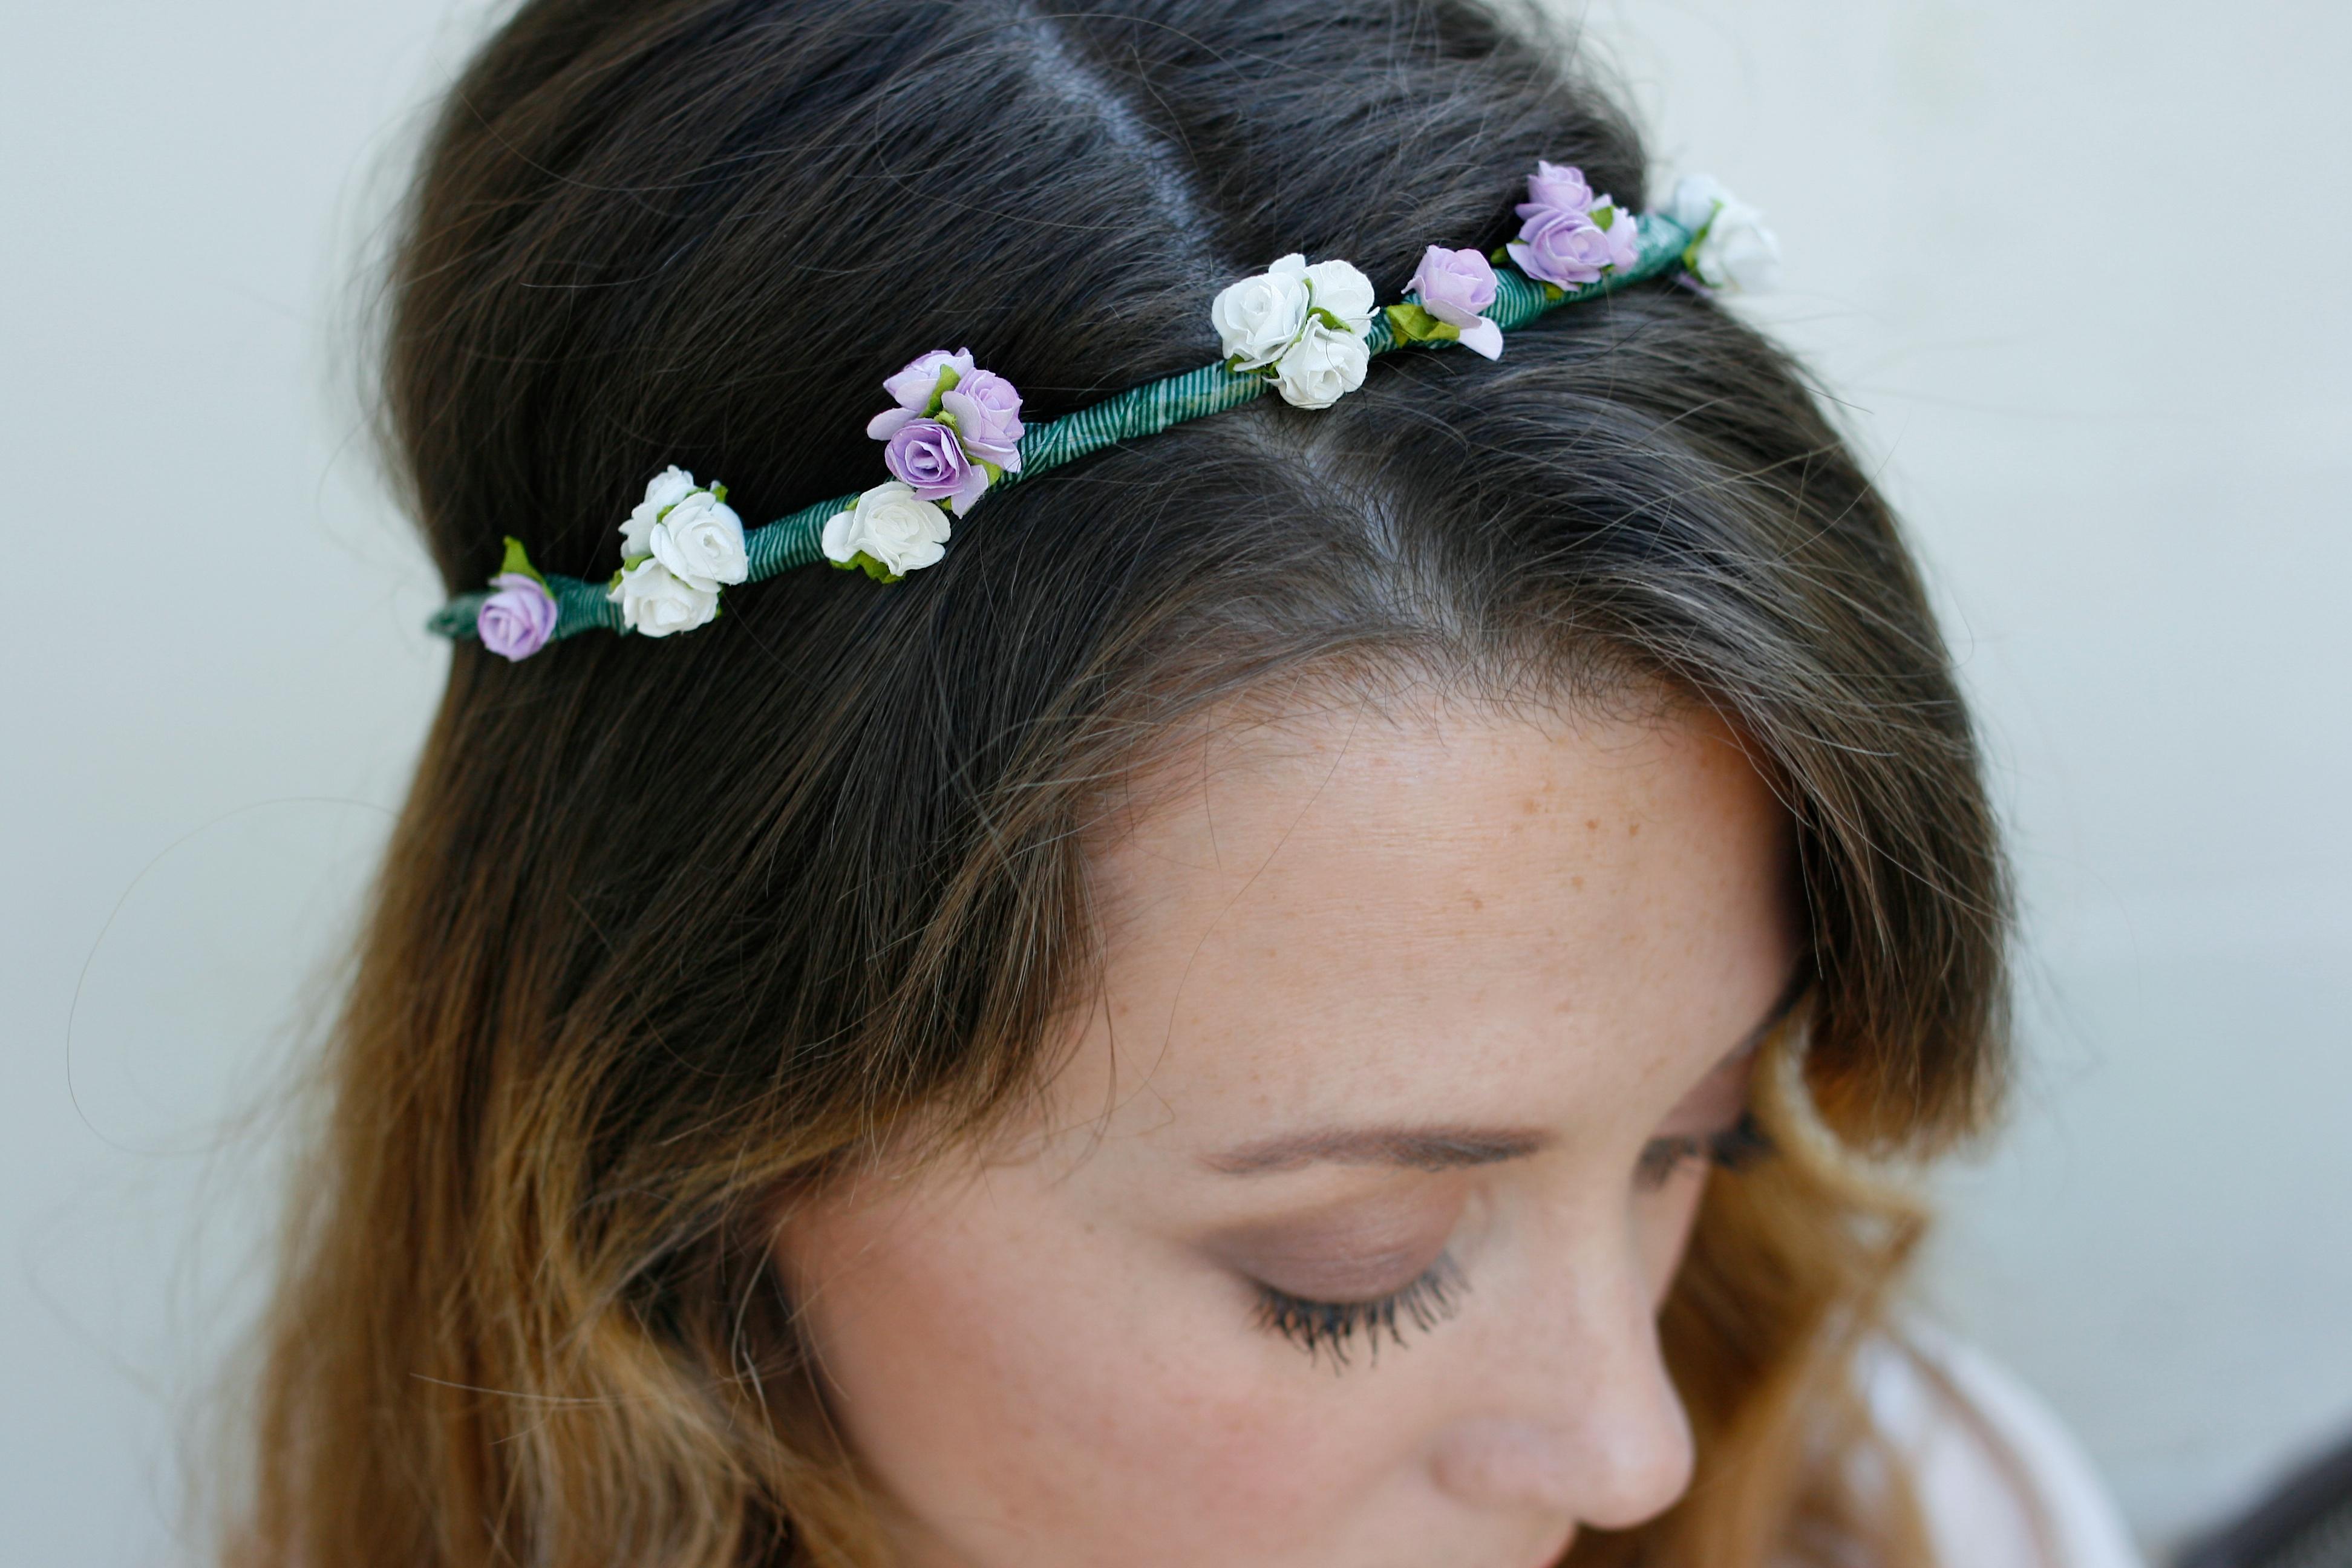 Hippie flower headbands diy crafting diy how to make a flower garland crown daisychains dreamers izmirmasajfo